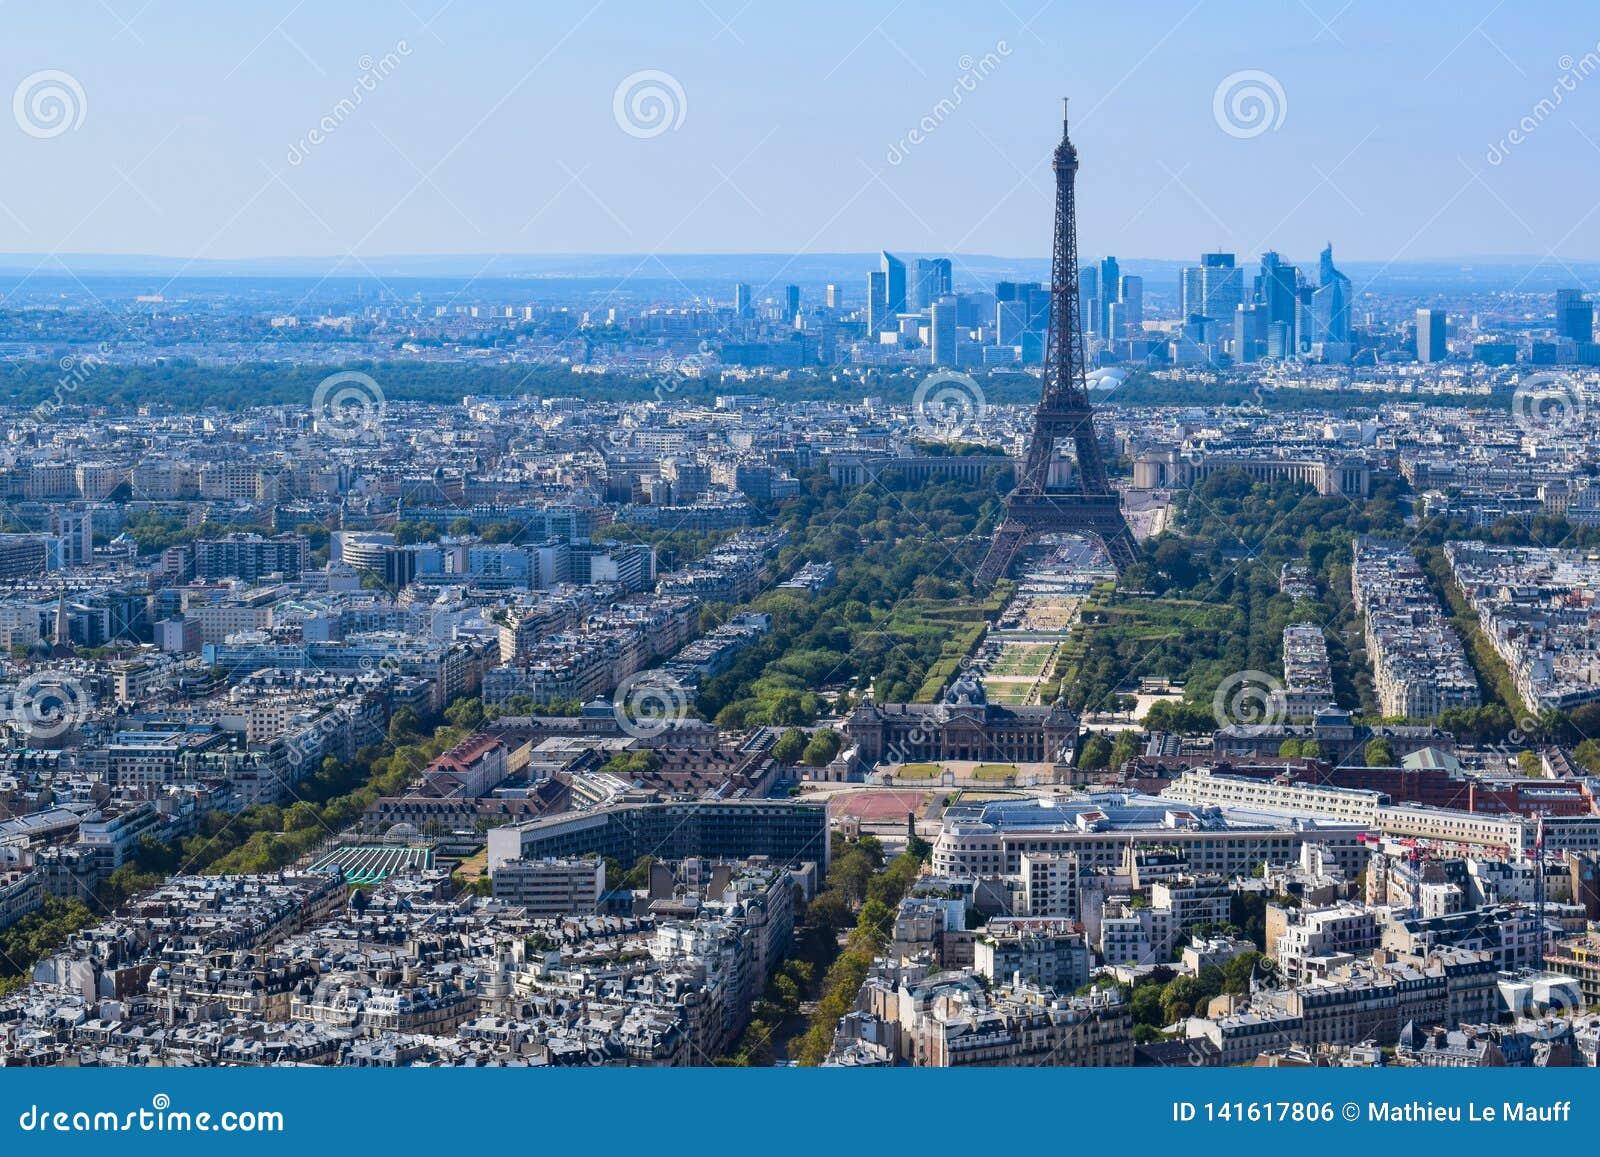 Torre Eiffel vista de plataforma de observación de la torre de Montparnasse